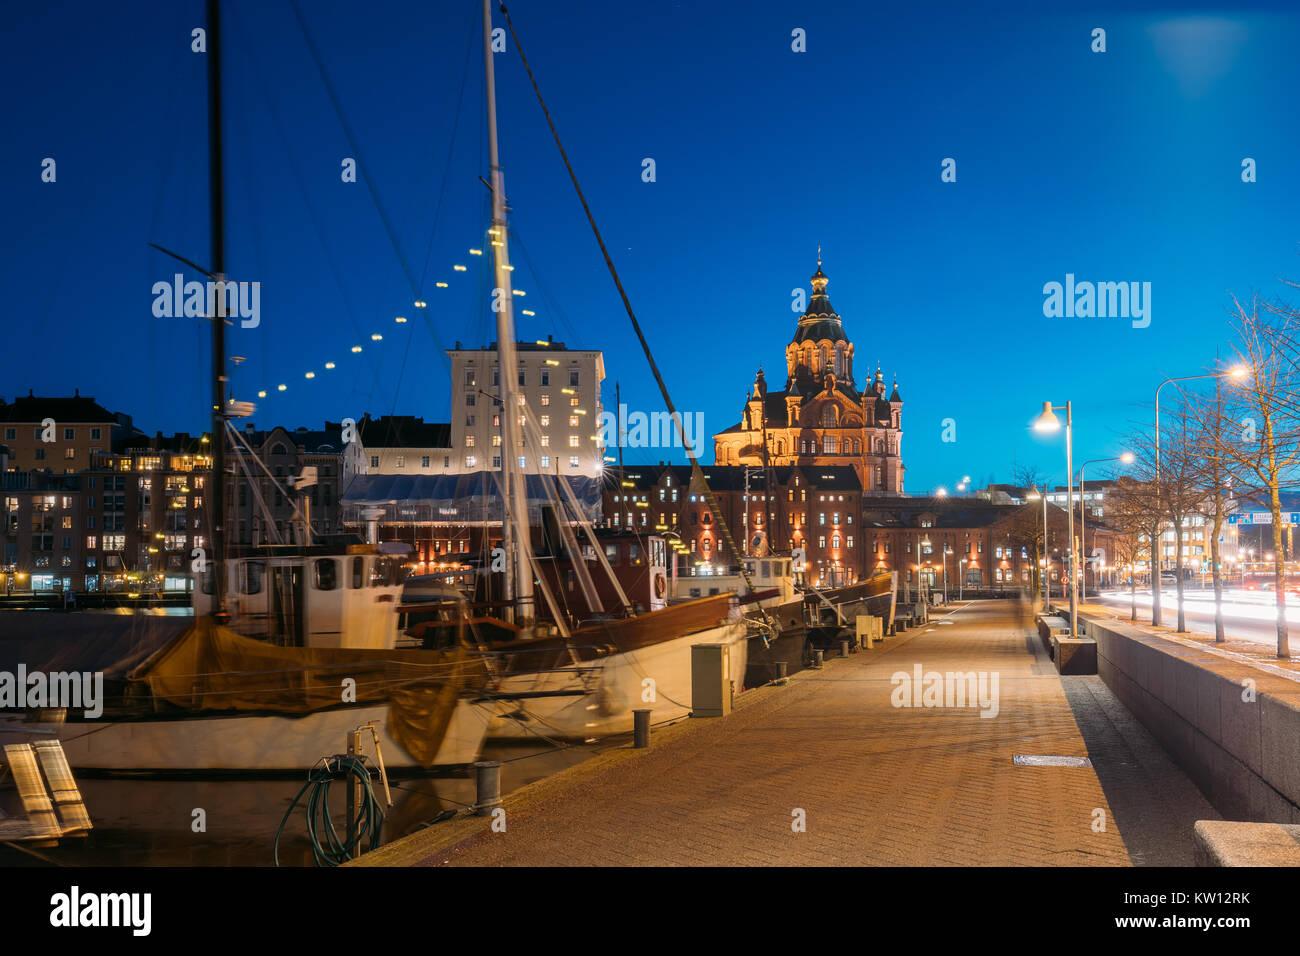 Helsinki, Finnland. Pier mit Booten, Pohjoisranta Straße und Blick auf die Uspenski Kathedrale in Abend Nacht Stockbild